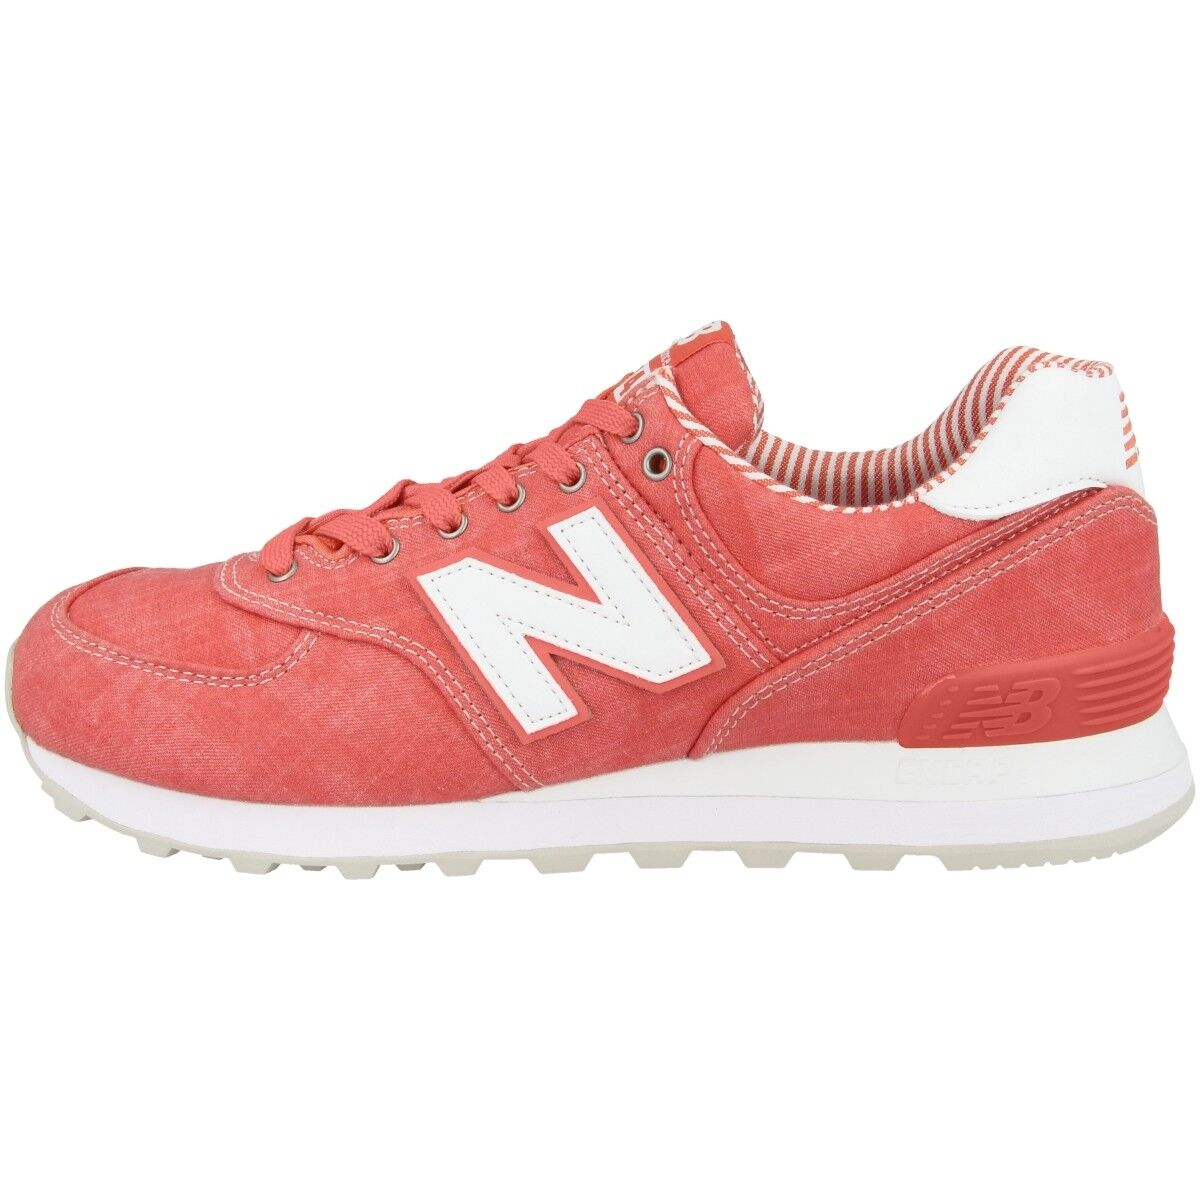 Zapatos promocionales para hombres y mujeres New Balance Wl 574 che Mujer Calzado de Ocio Zapatillas Coral Blanco WL574CHE